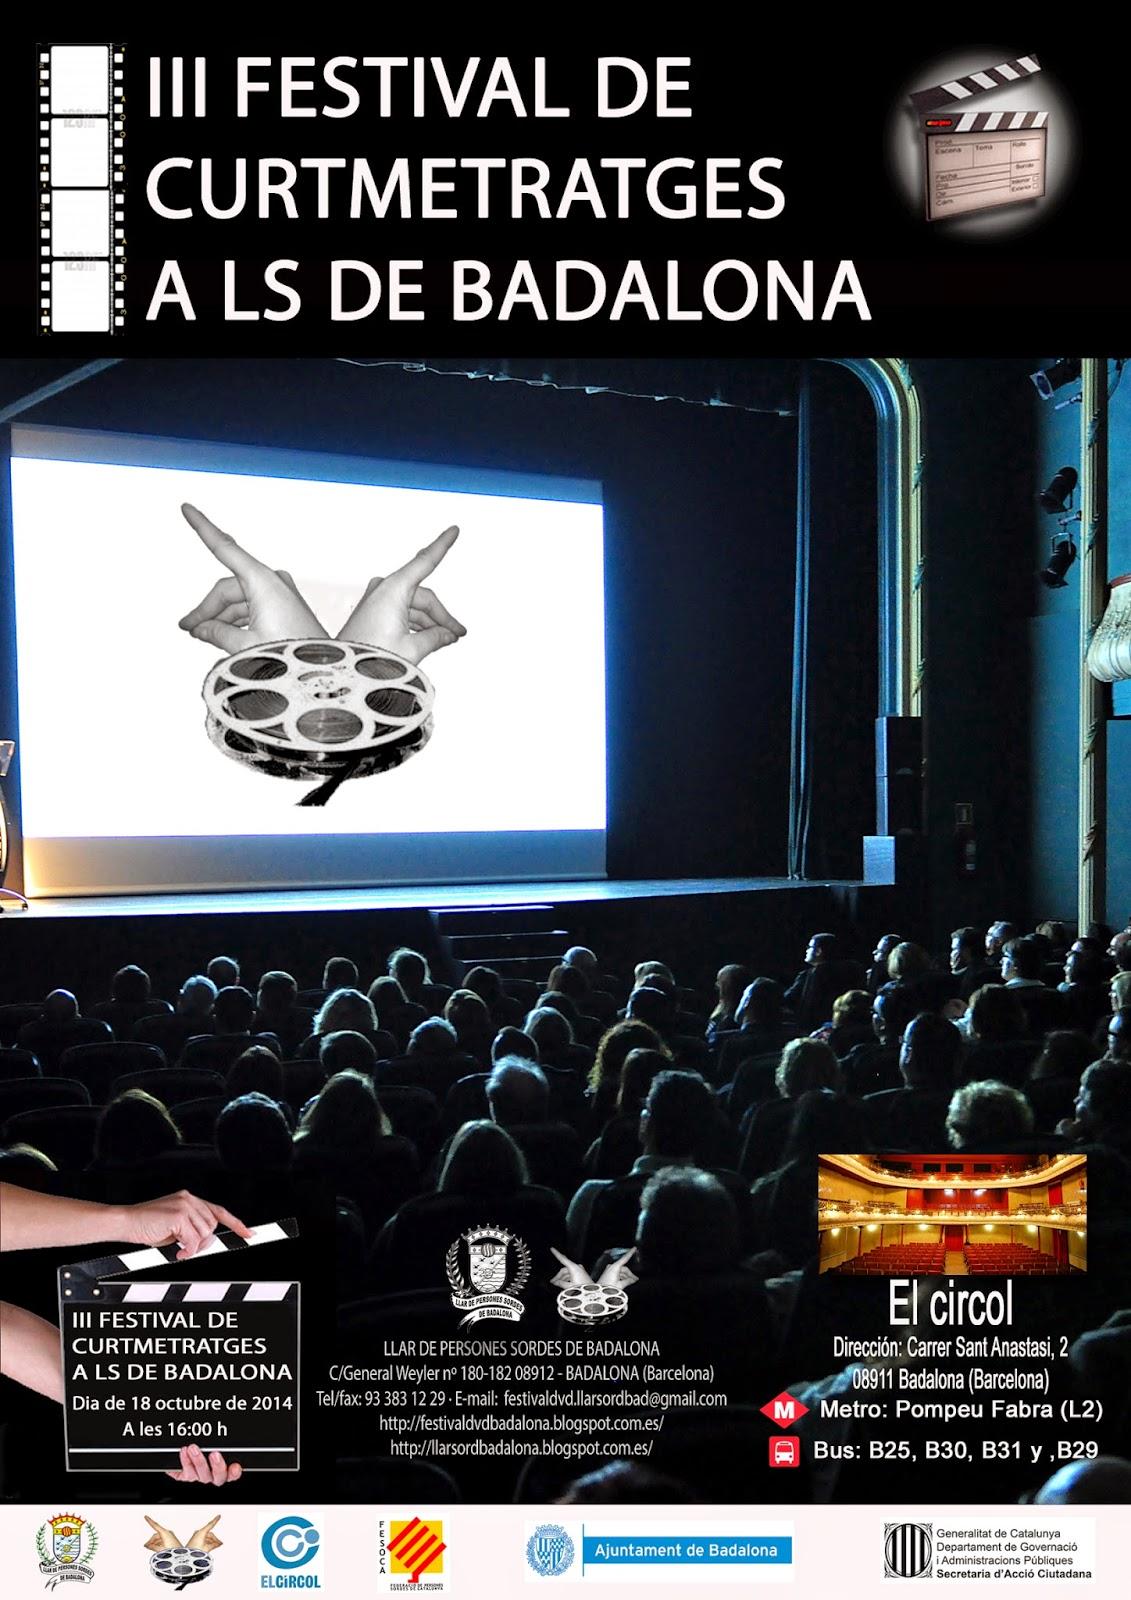 III Festival de Curtmetratges a LS de Badalona - 18 de octubre 2014 POSTER+III+DVD+4+catala+jpeg